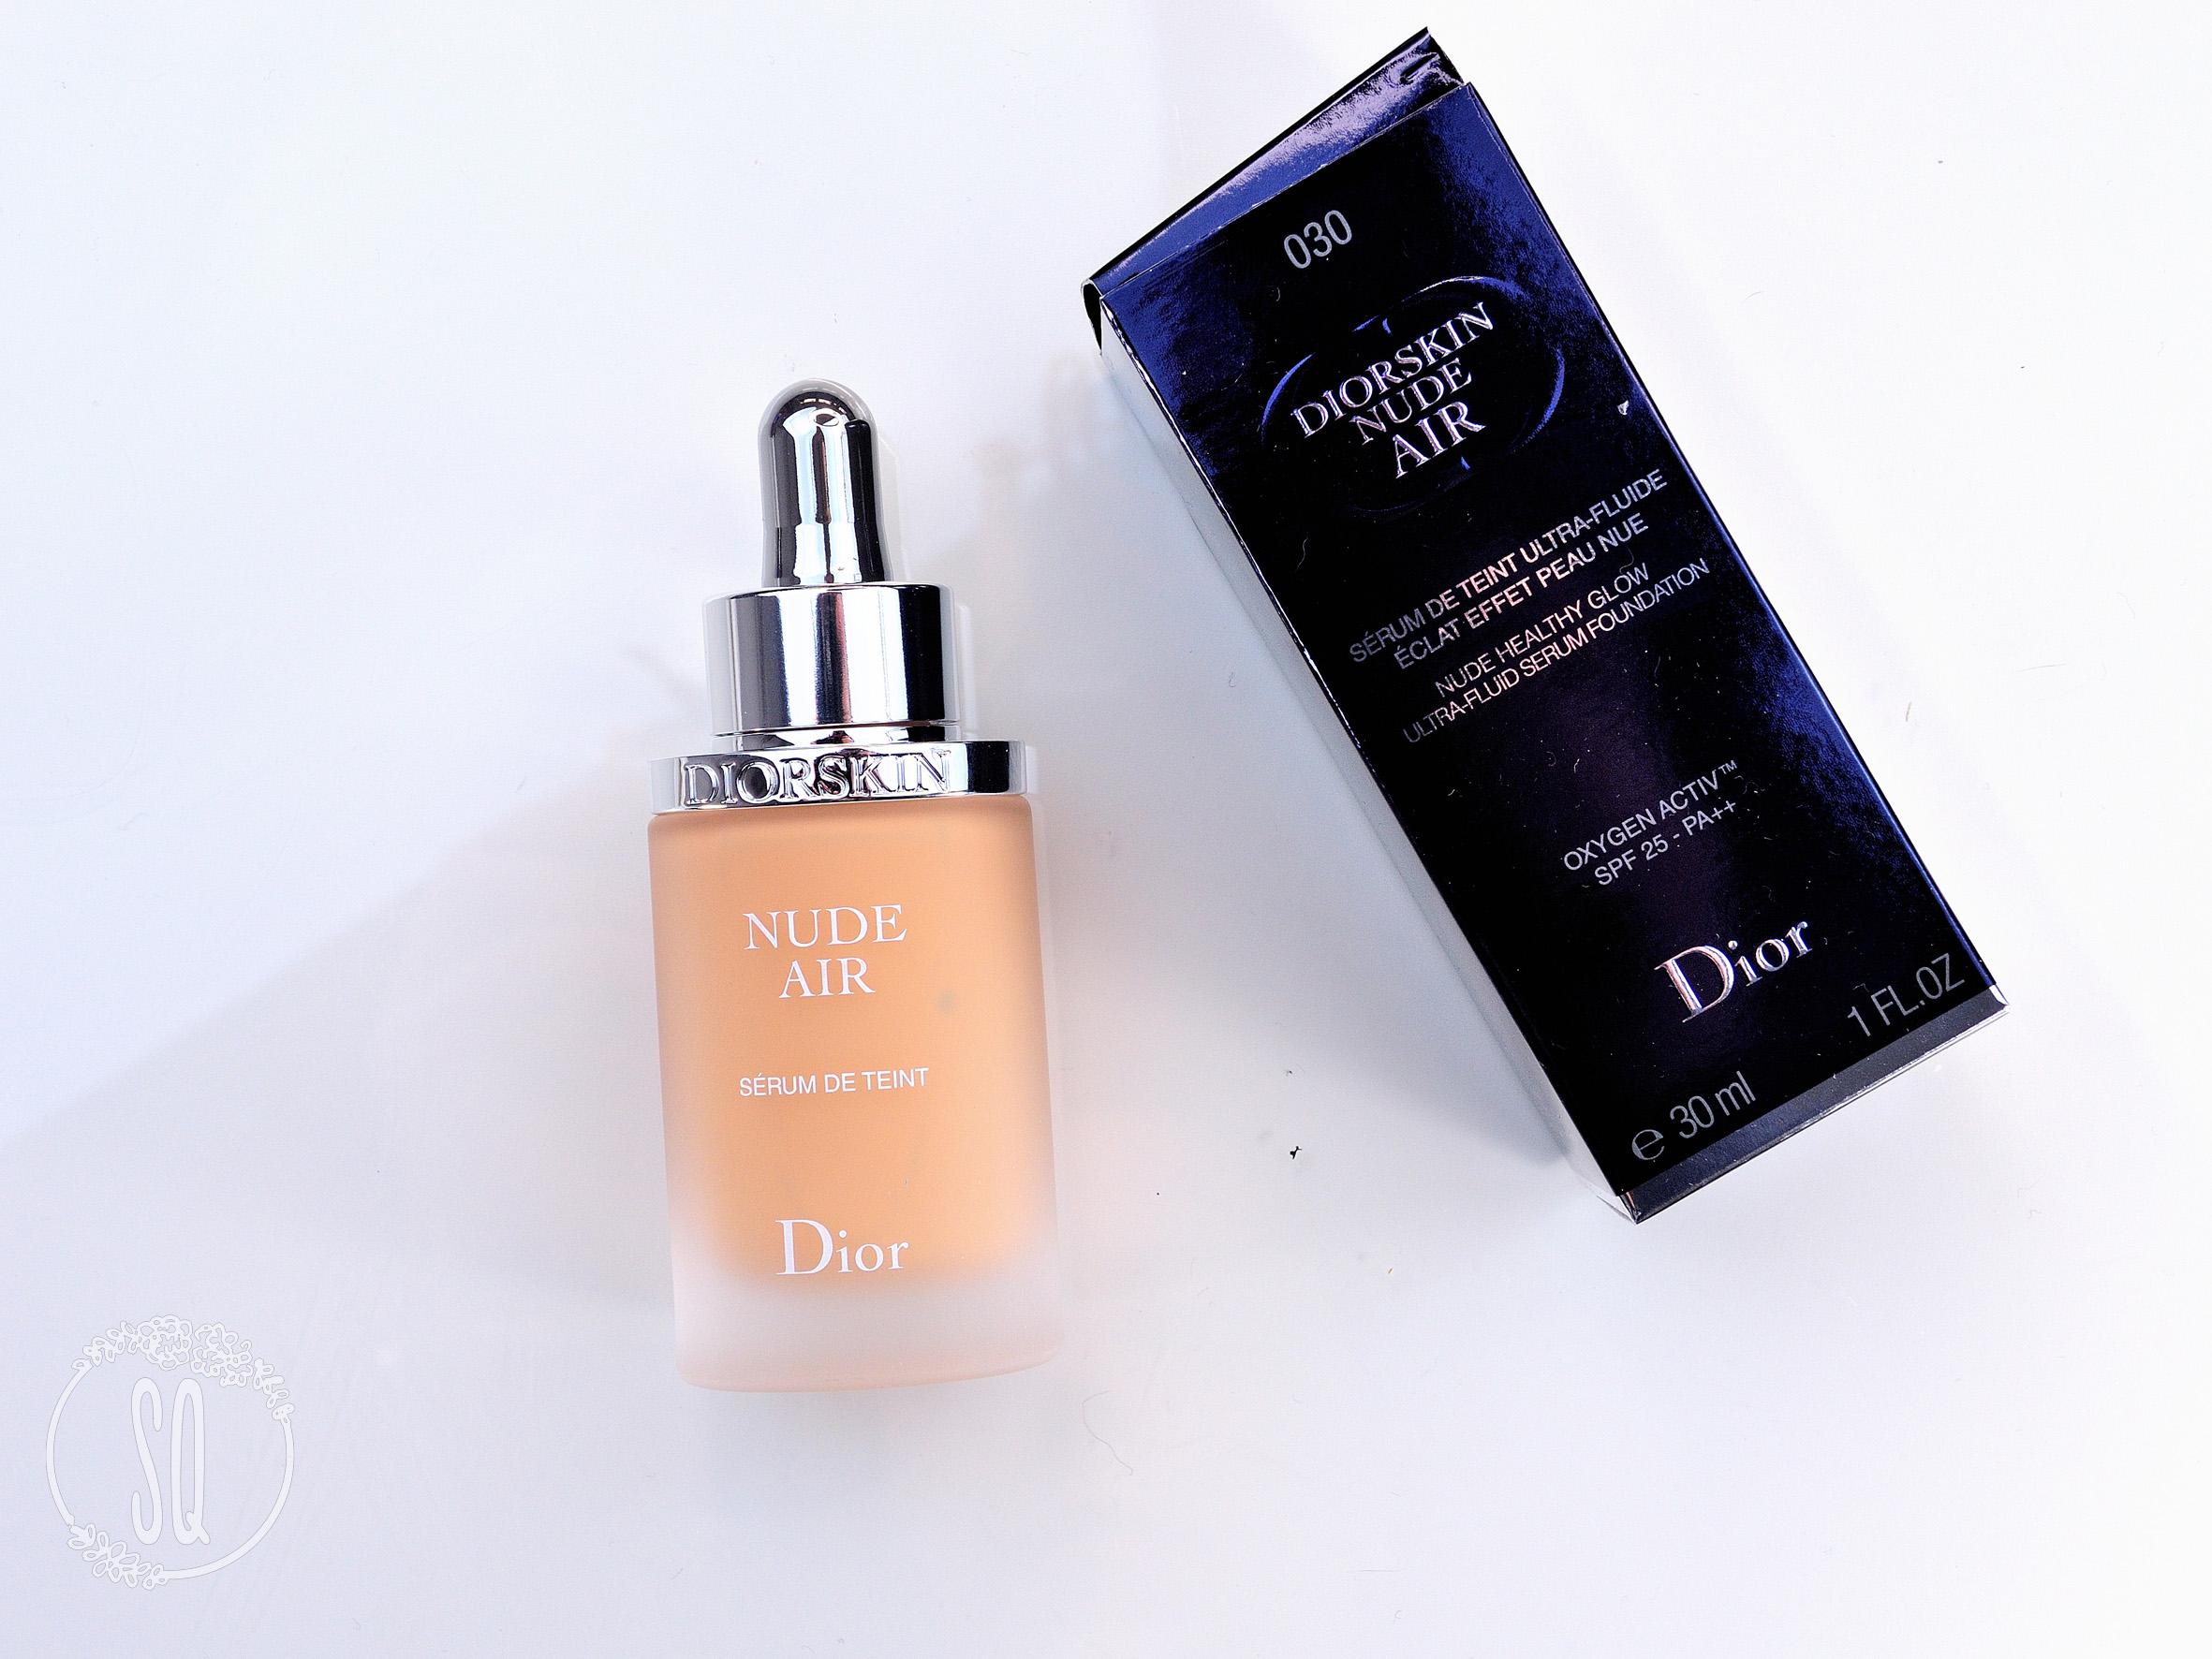 Poniendo a prueba la base Nude Air de Dior